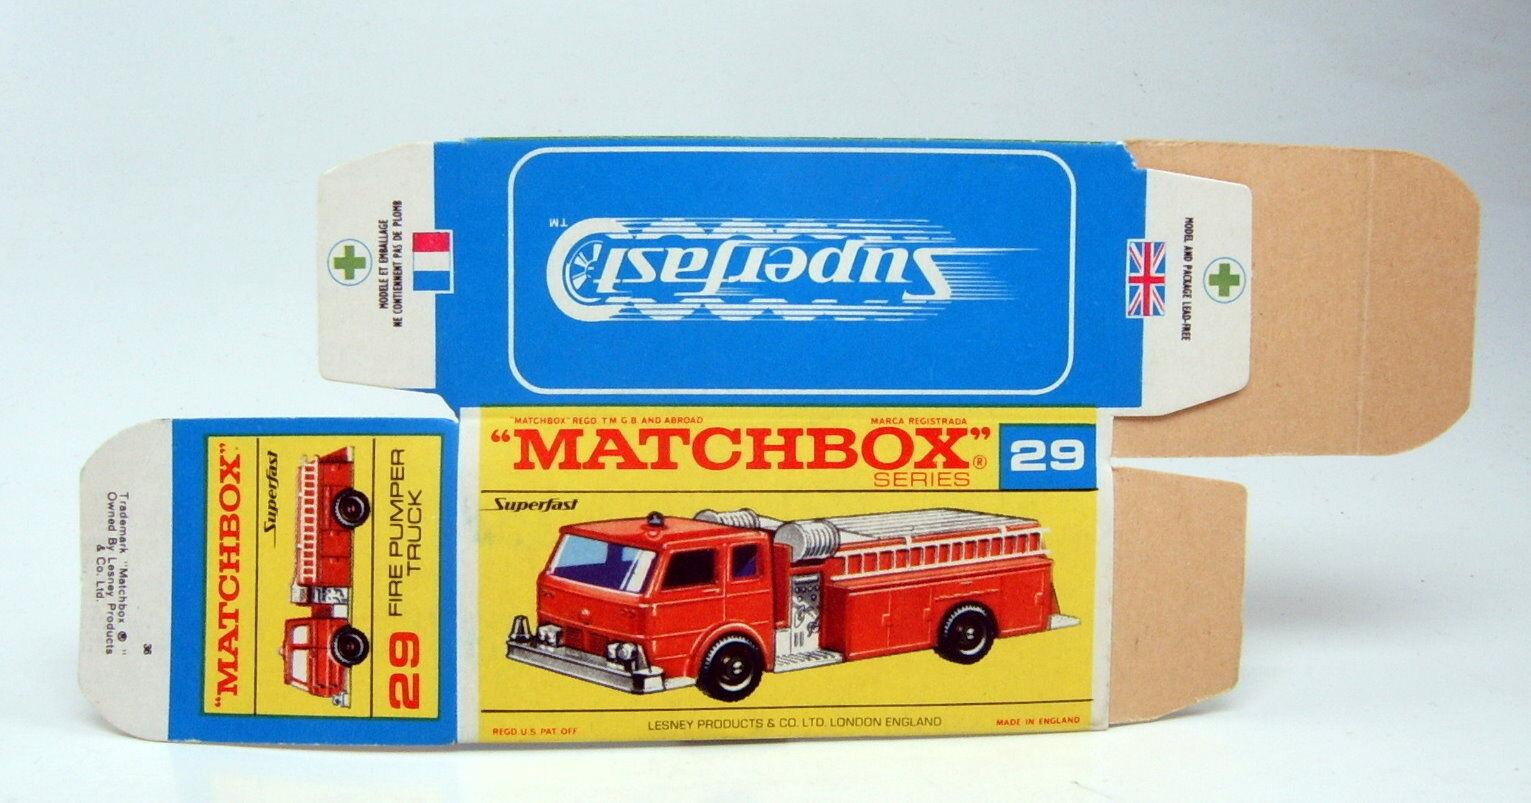 Matchbox Superfast No.29A Fire Pumper camión caja original de forma prematura  G  desplegada